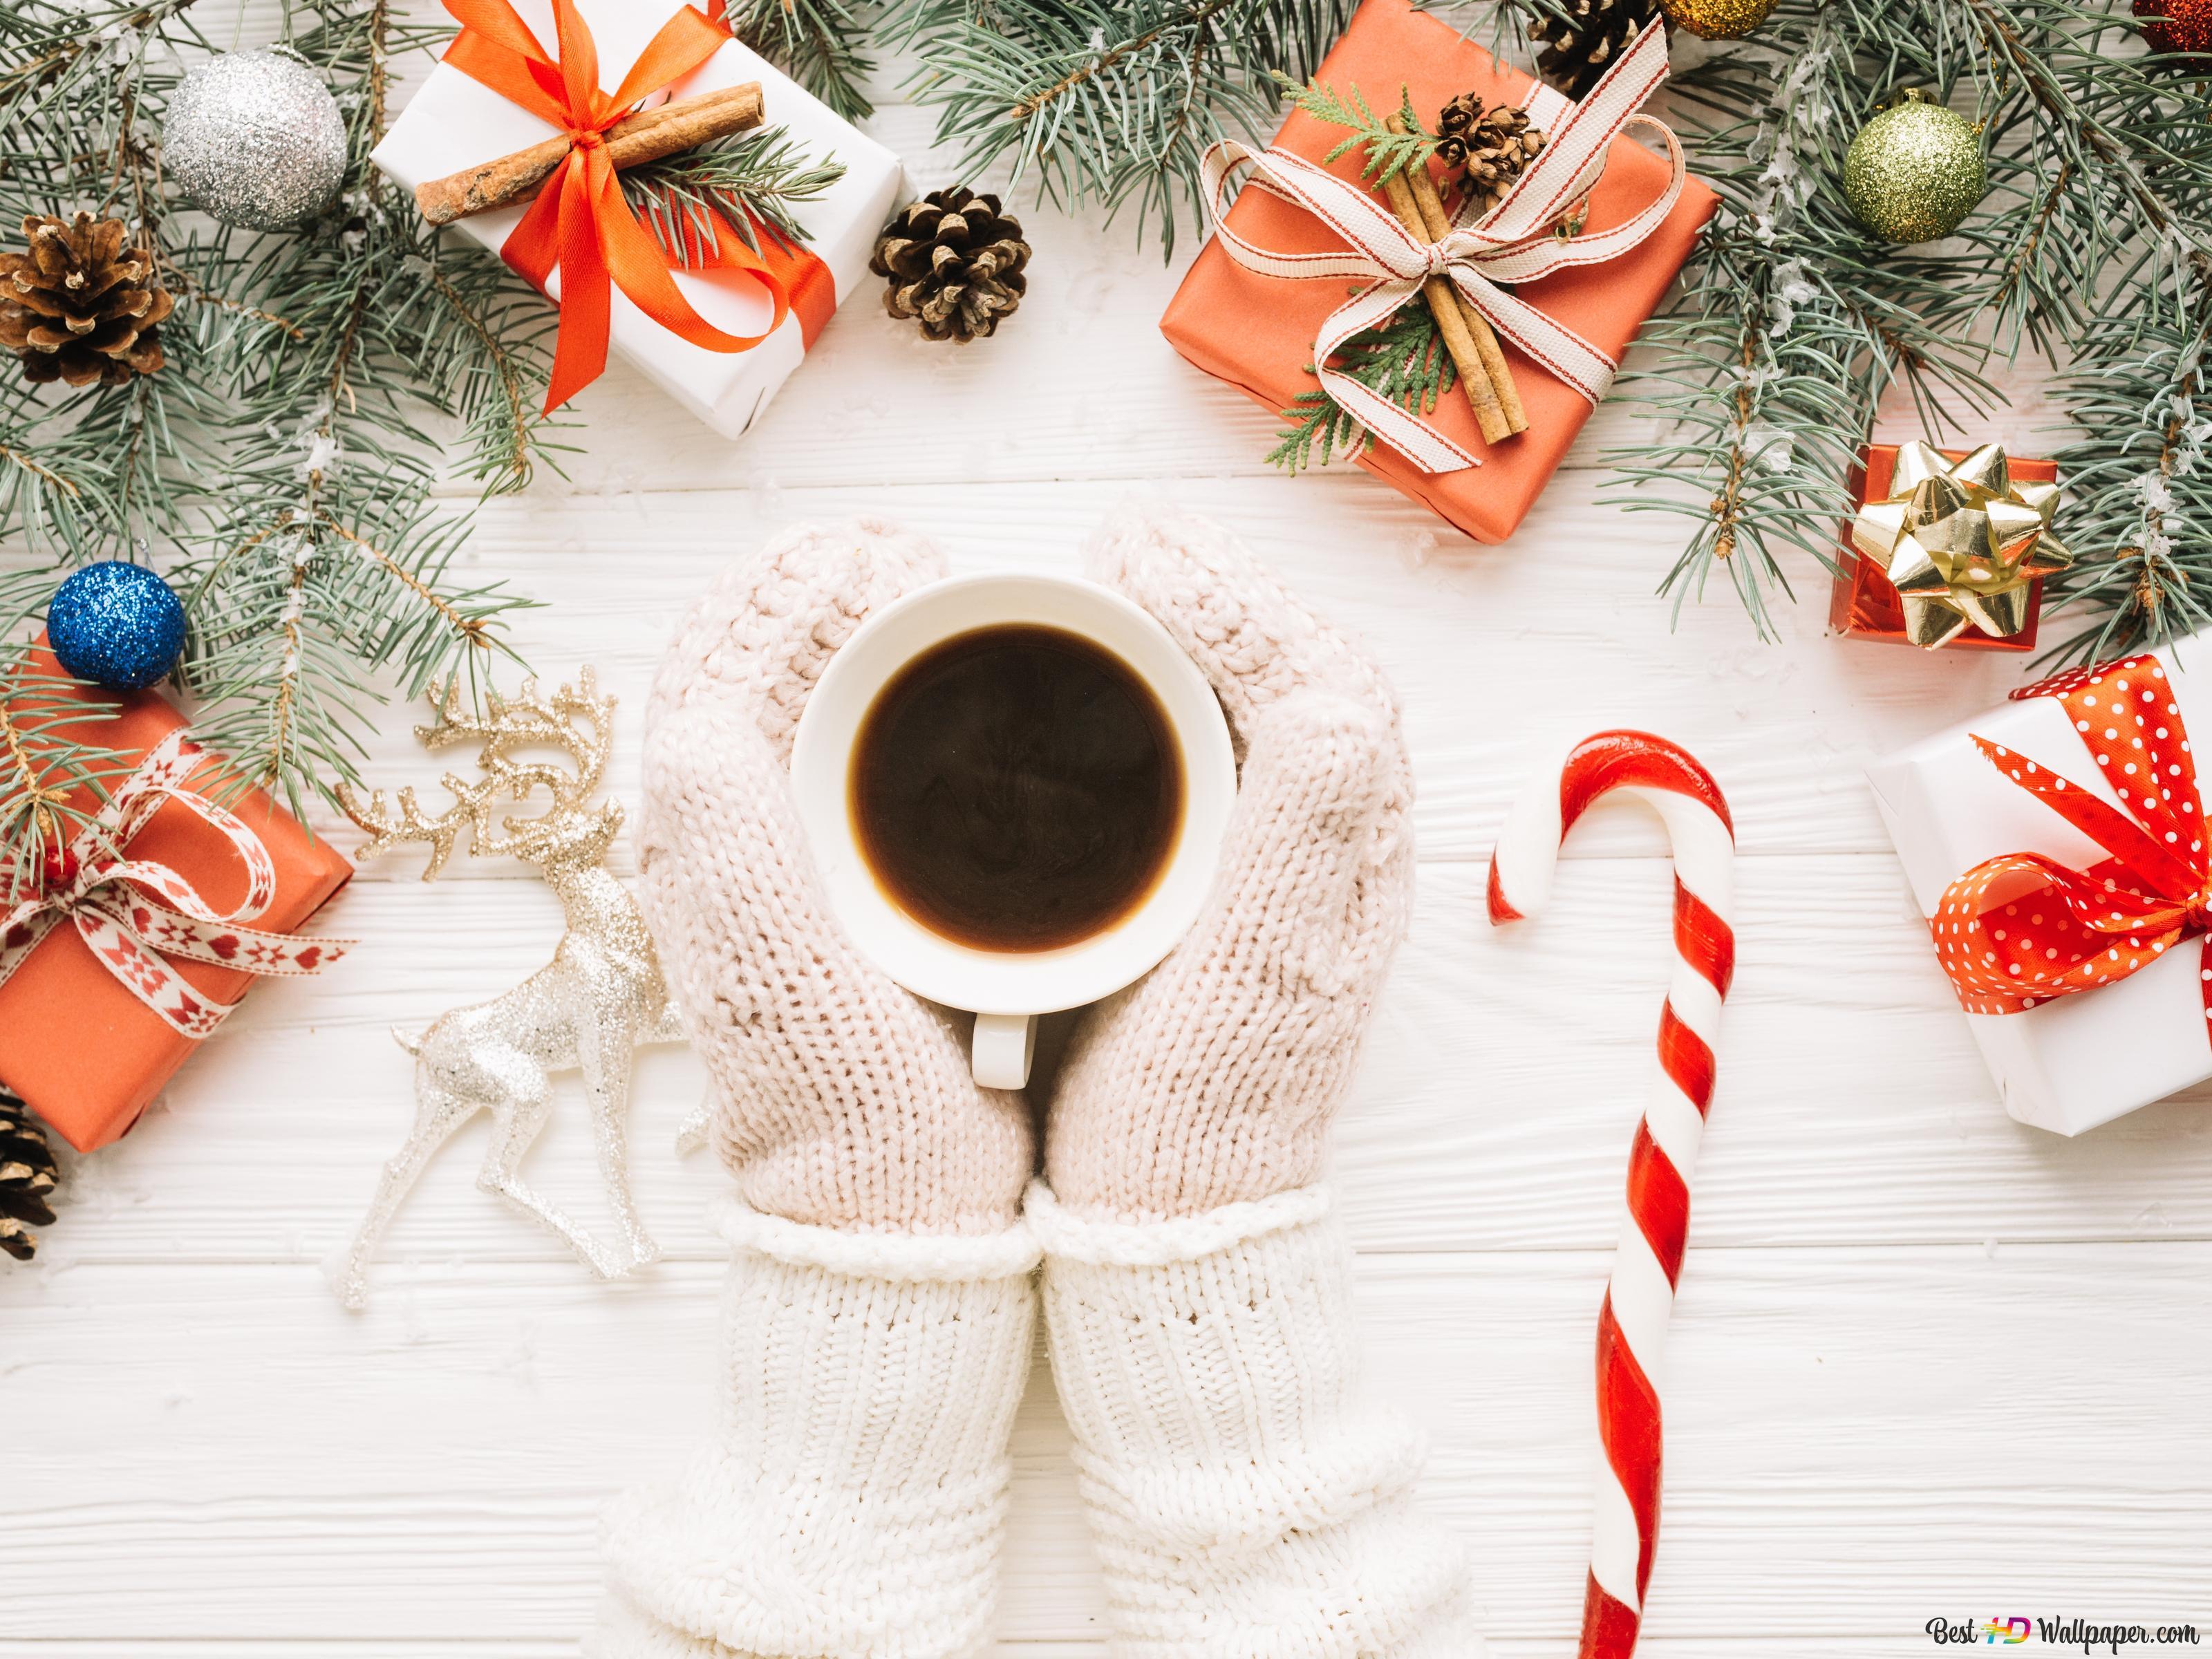 クリスマスの暖かいコーヒー Hd壁紙のダウンロード